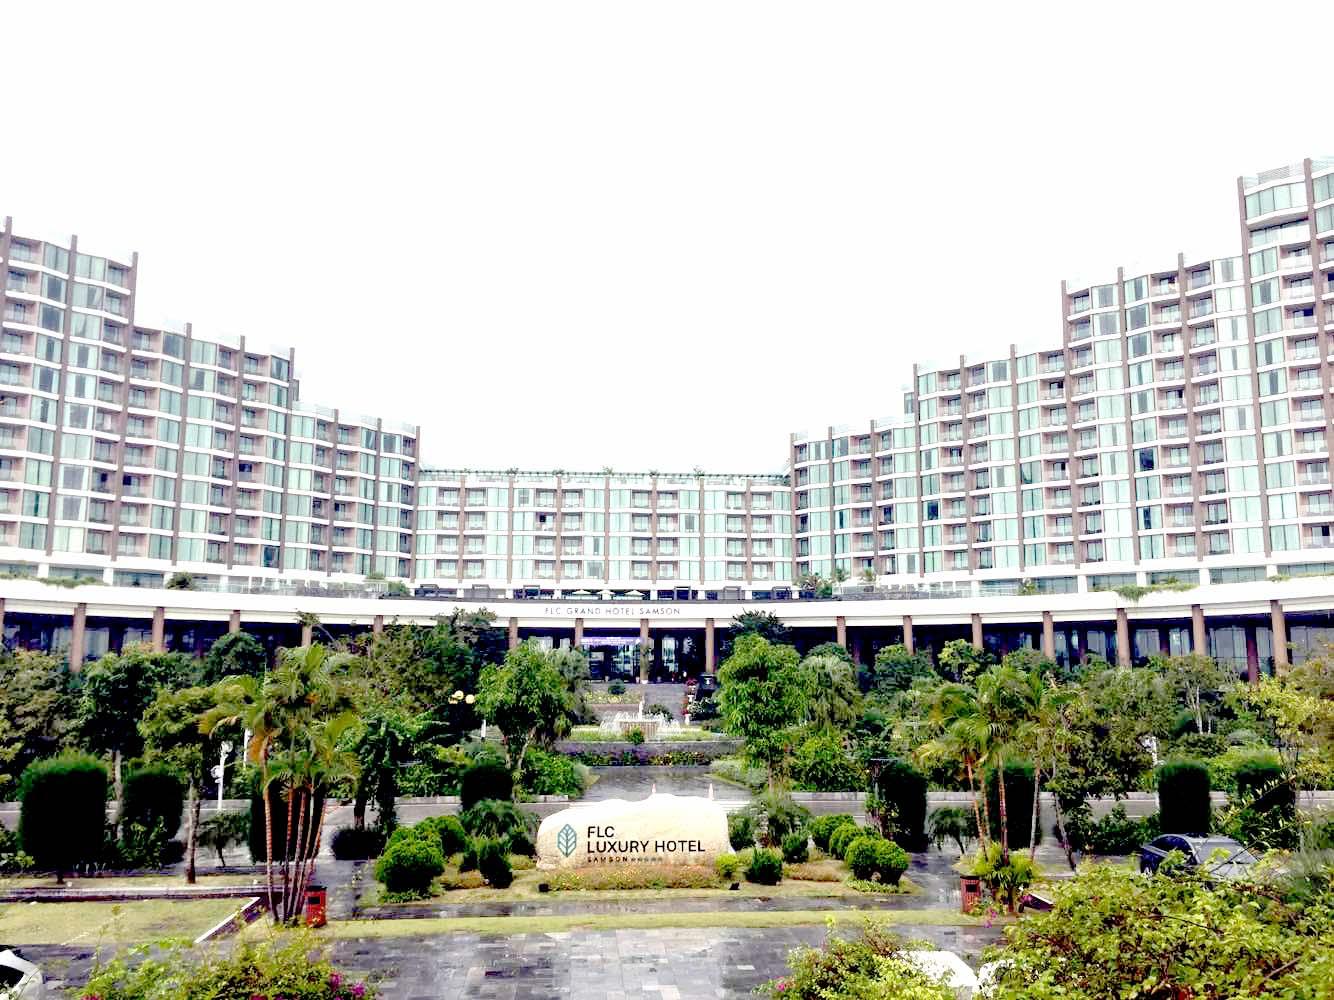 Dự án bất động sản nghỉ dưỡng của FLC gồm những dãy nhà cao tầng nối tiếp nhau, phía trước có nhiều cây xanh.  Tổng giám đốc FLC: Doanh nghiệp BĐS lao đao vì nhiều điểm nghẽn 20200220095158 2a33